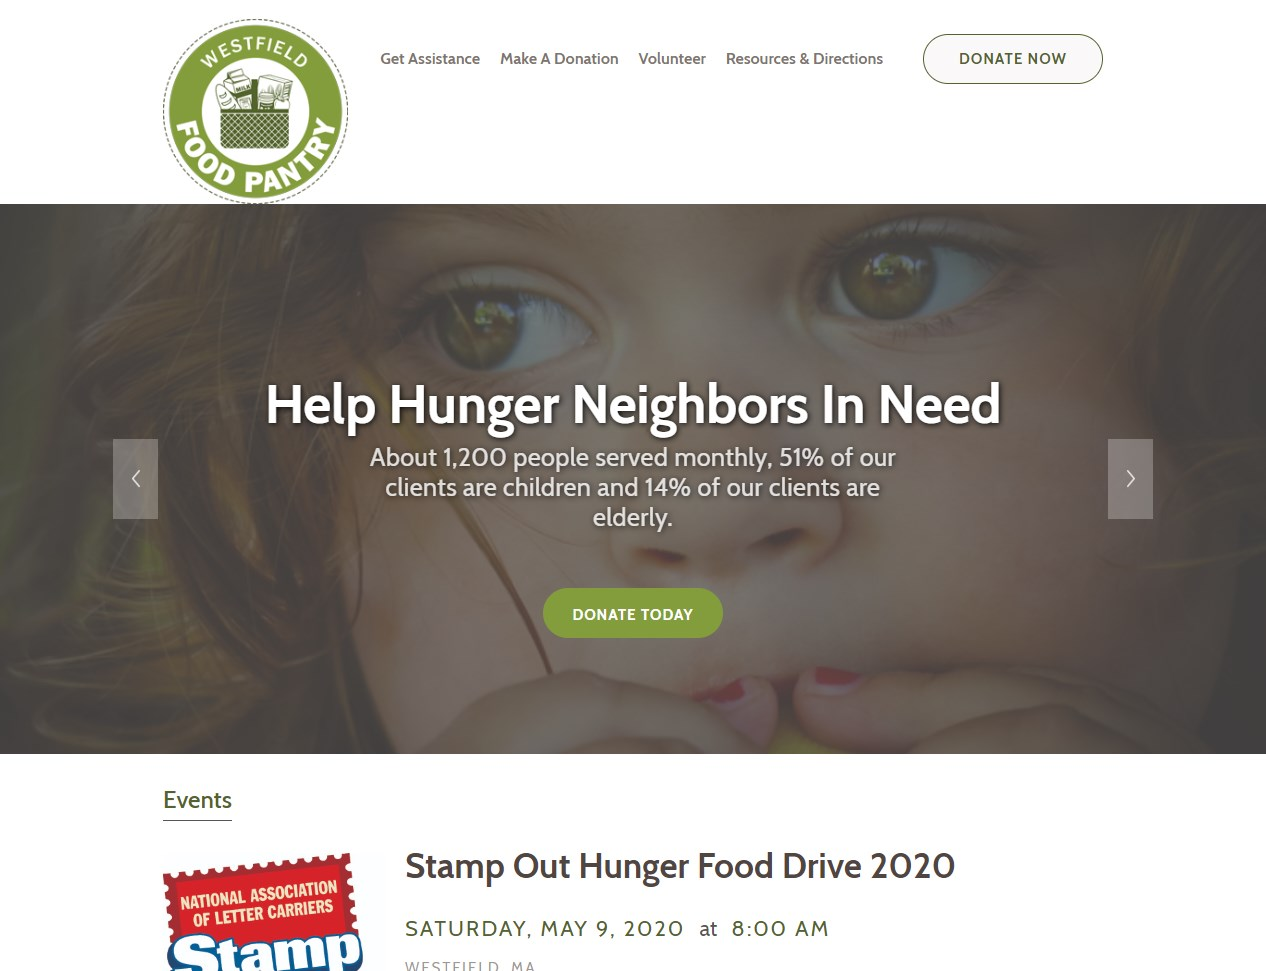 Westfield Food Pantry website screenshot